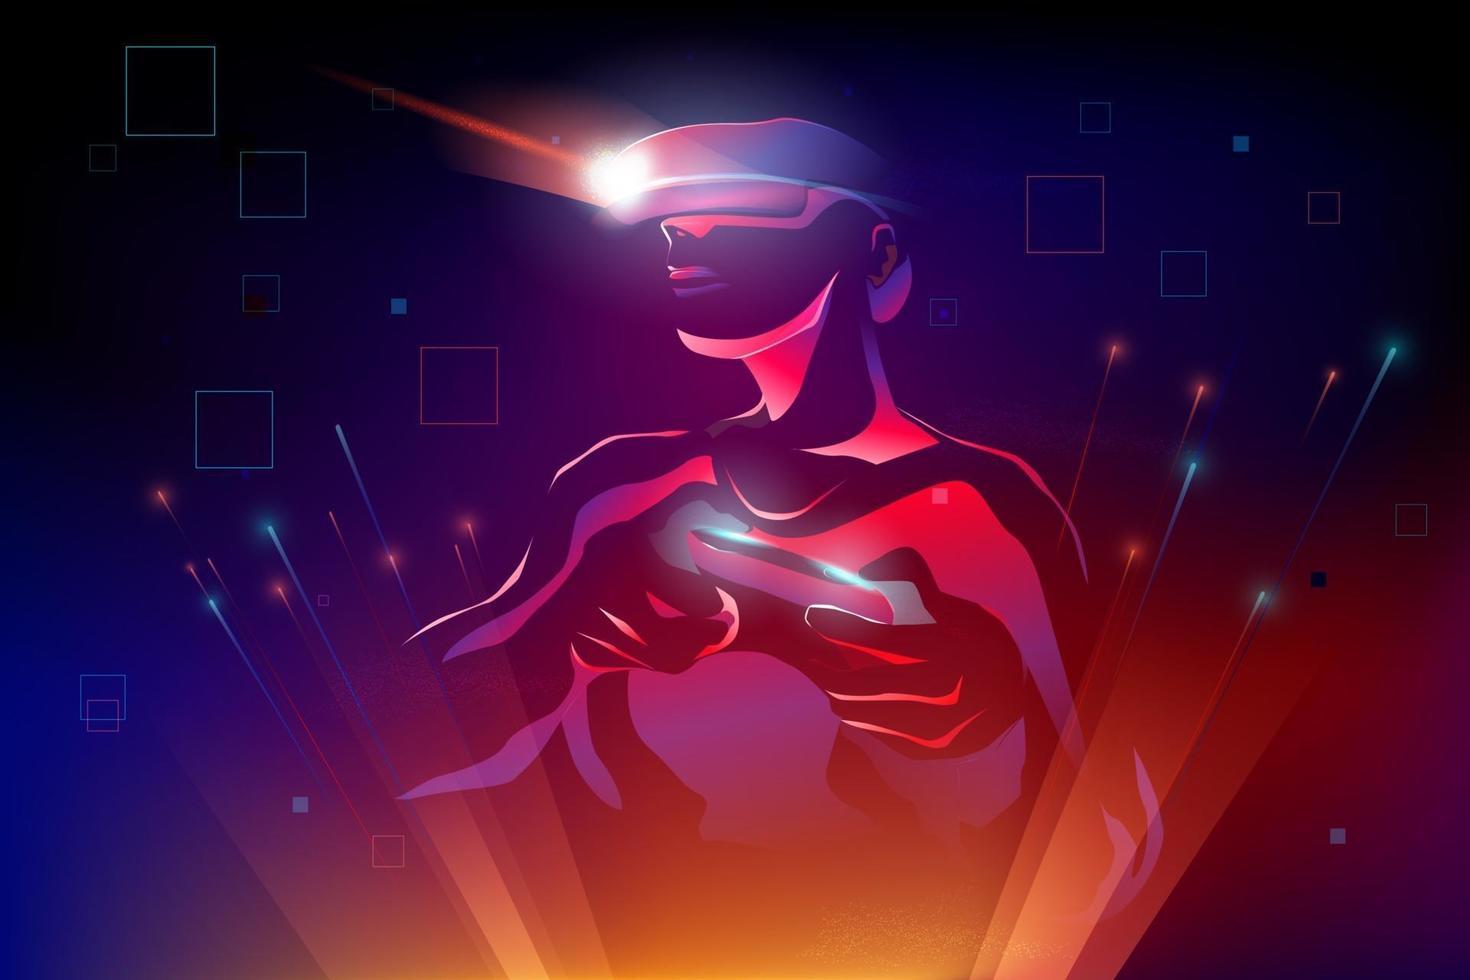 silhueta de homem usando dispositivo de realidade virtual vr jogando jogo, movimento de movimento no mundo 3d digital abstrato, ilustração vetorial vetor